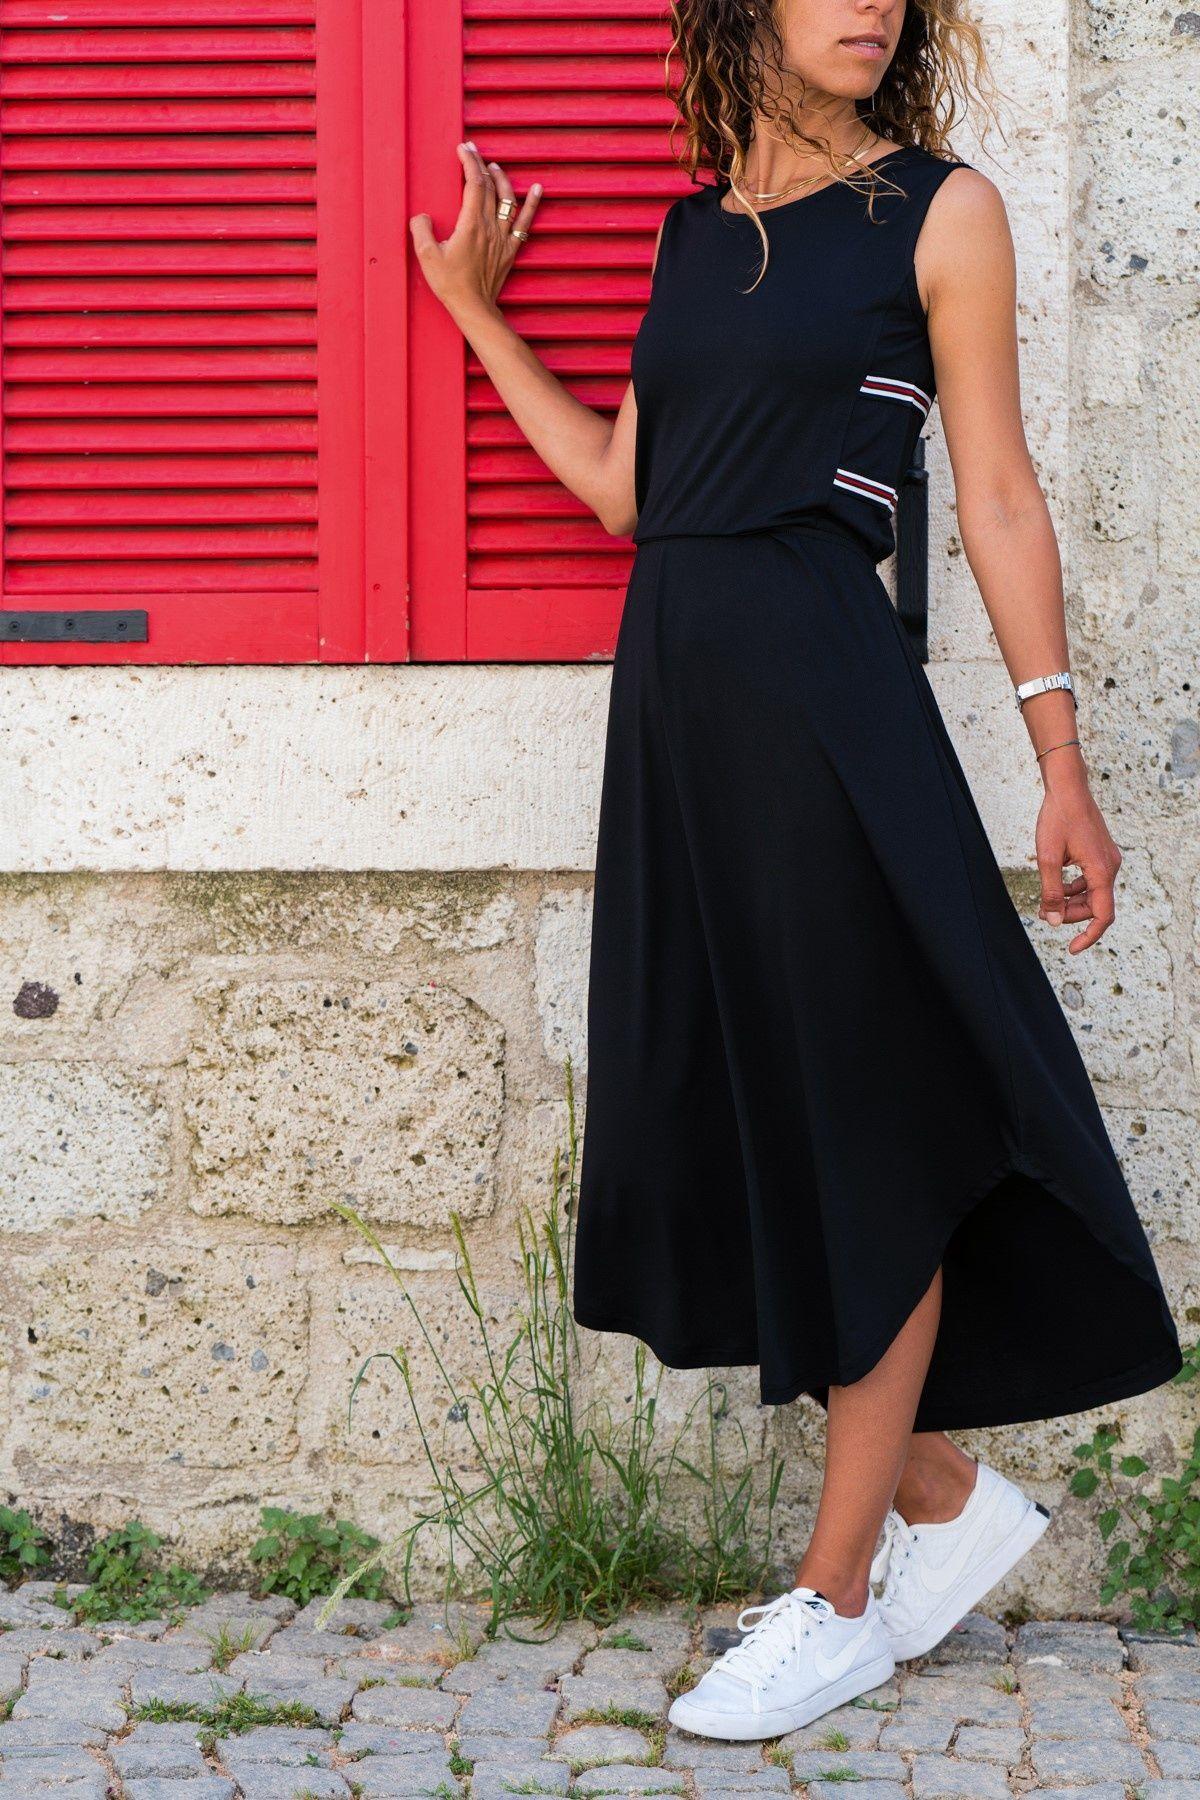 Kadin Siyah Yani Seritli Elbise Trend Alacati Stili Trendyol The Dress Moda Stilleri Elbise